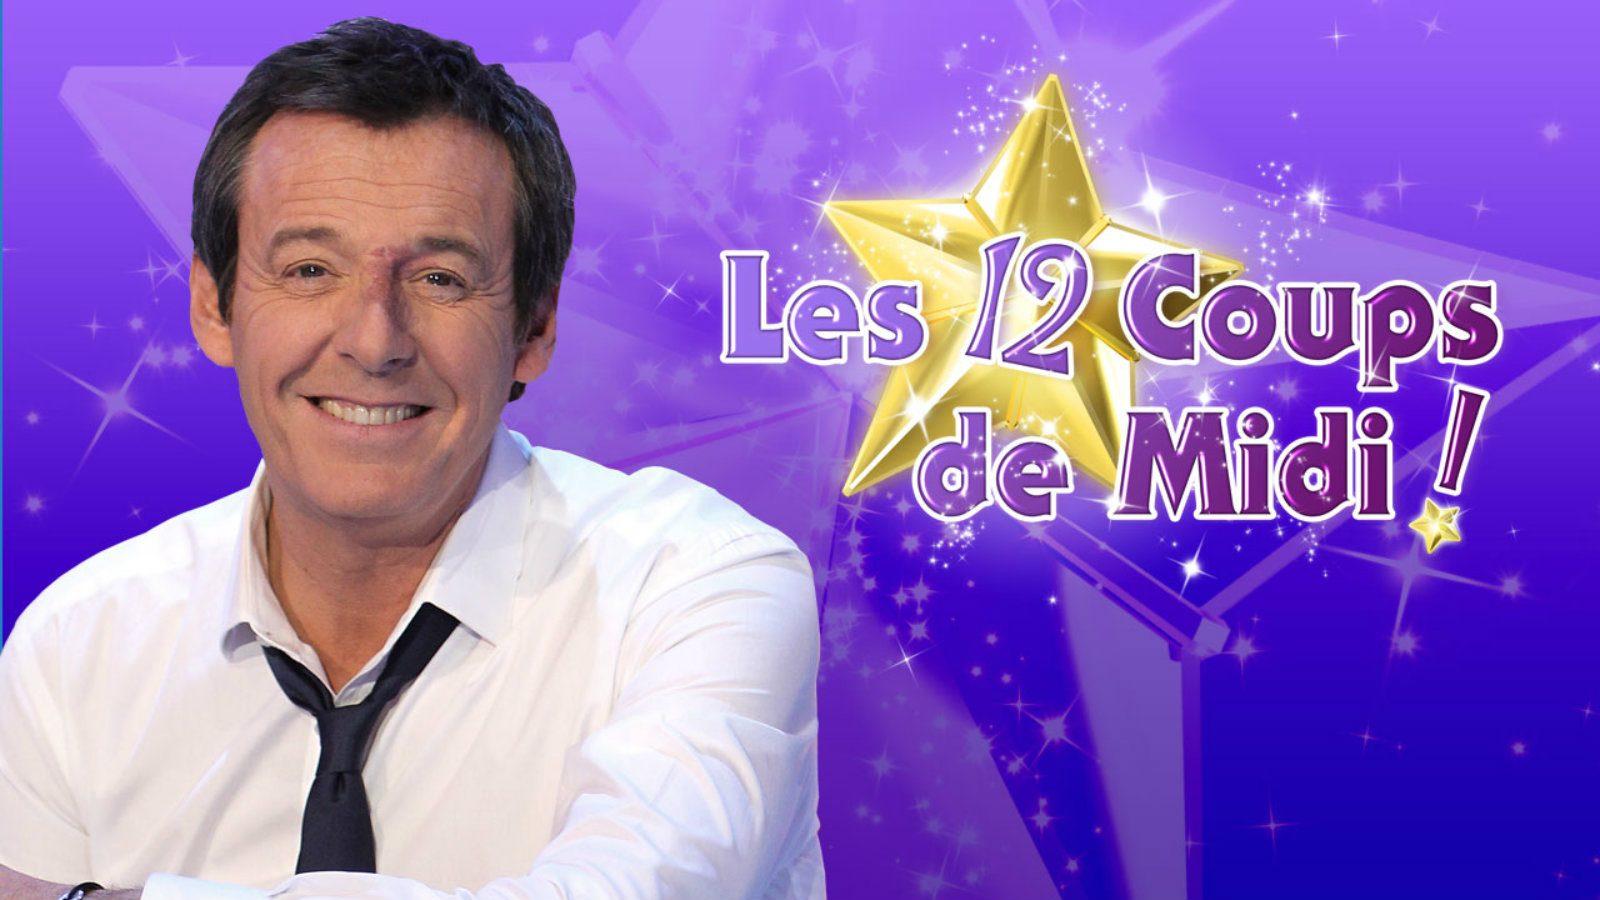 Emission «Les 12 coups de midi» : un casting organisé à Metz